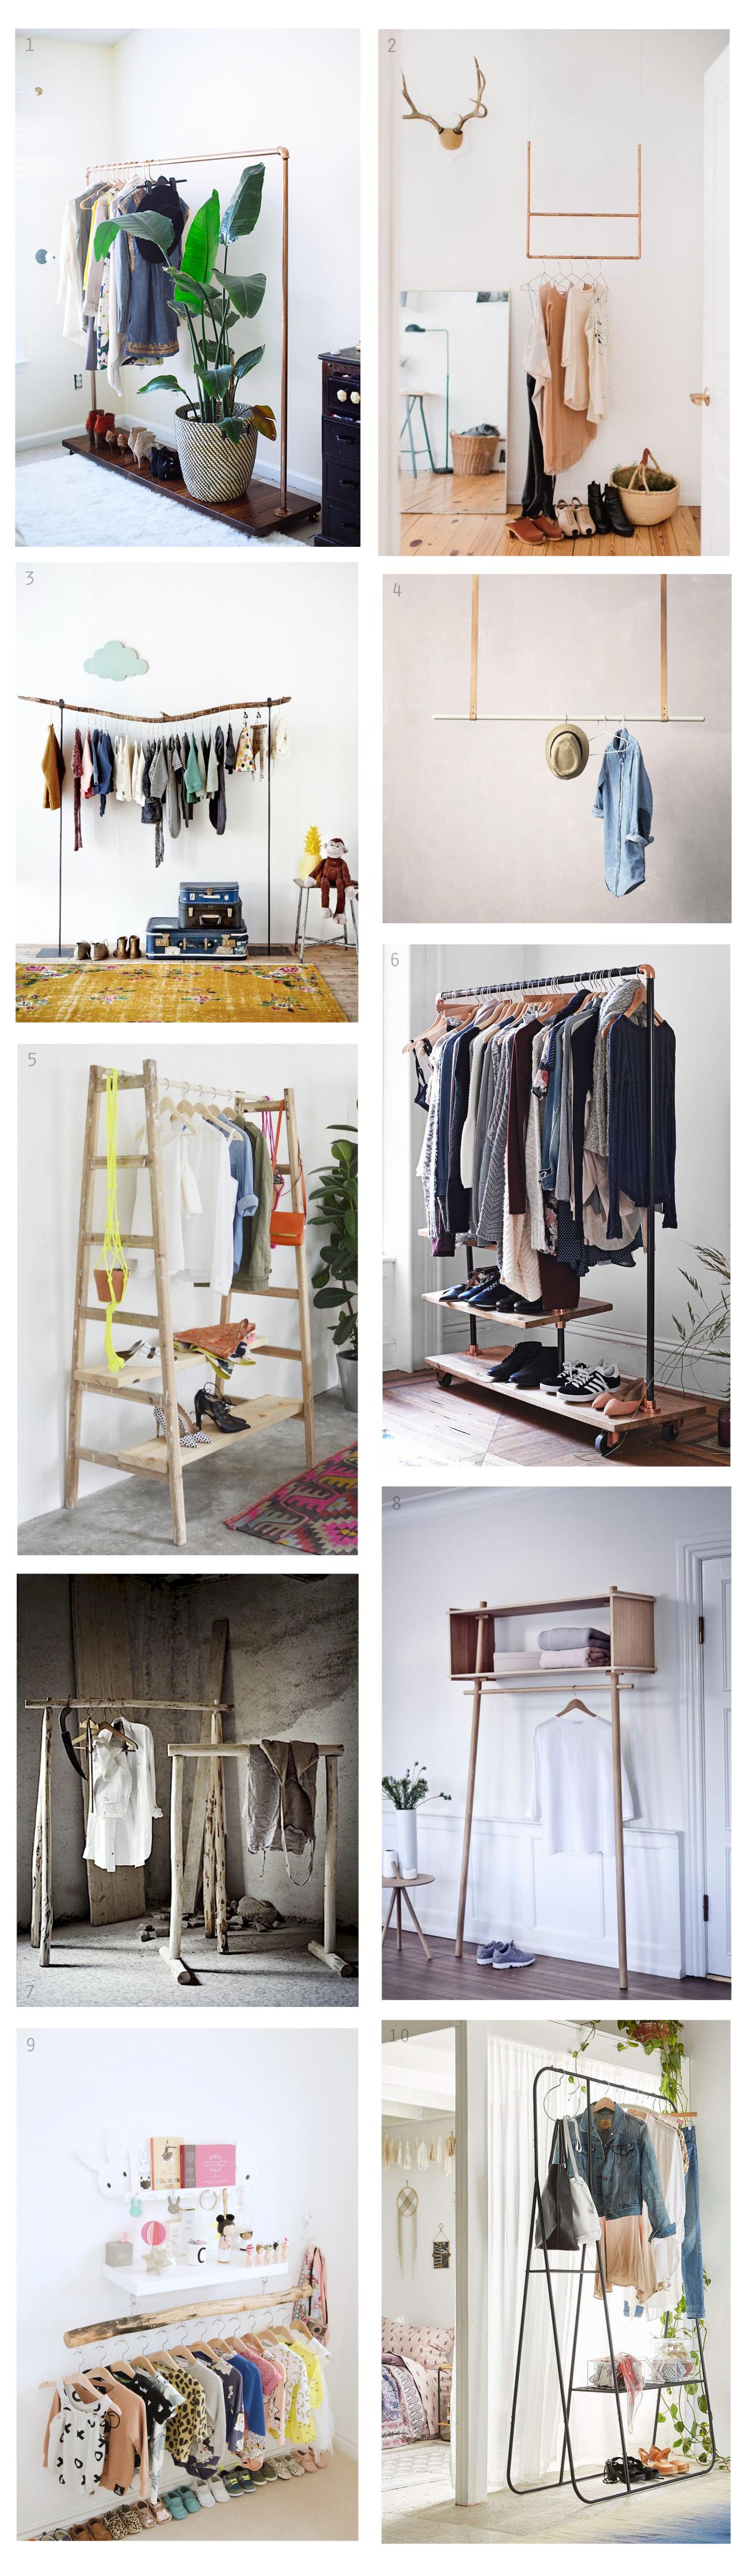 Deco ideas percheros room bedrooms and room ideas